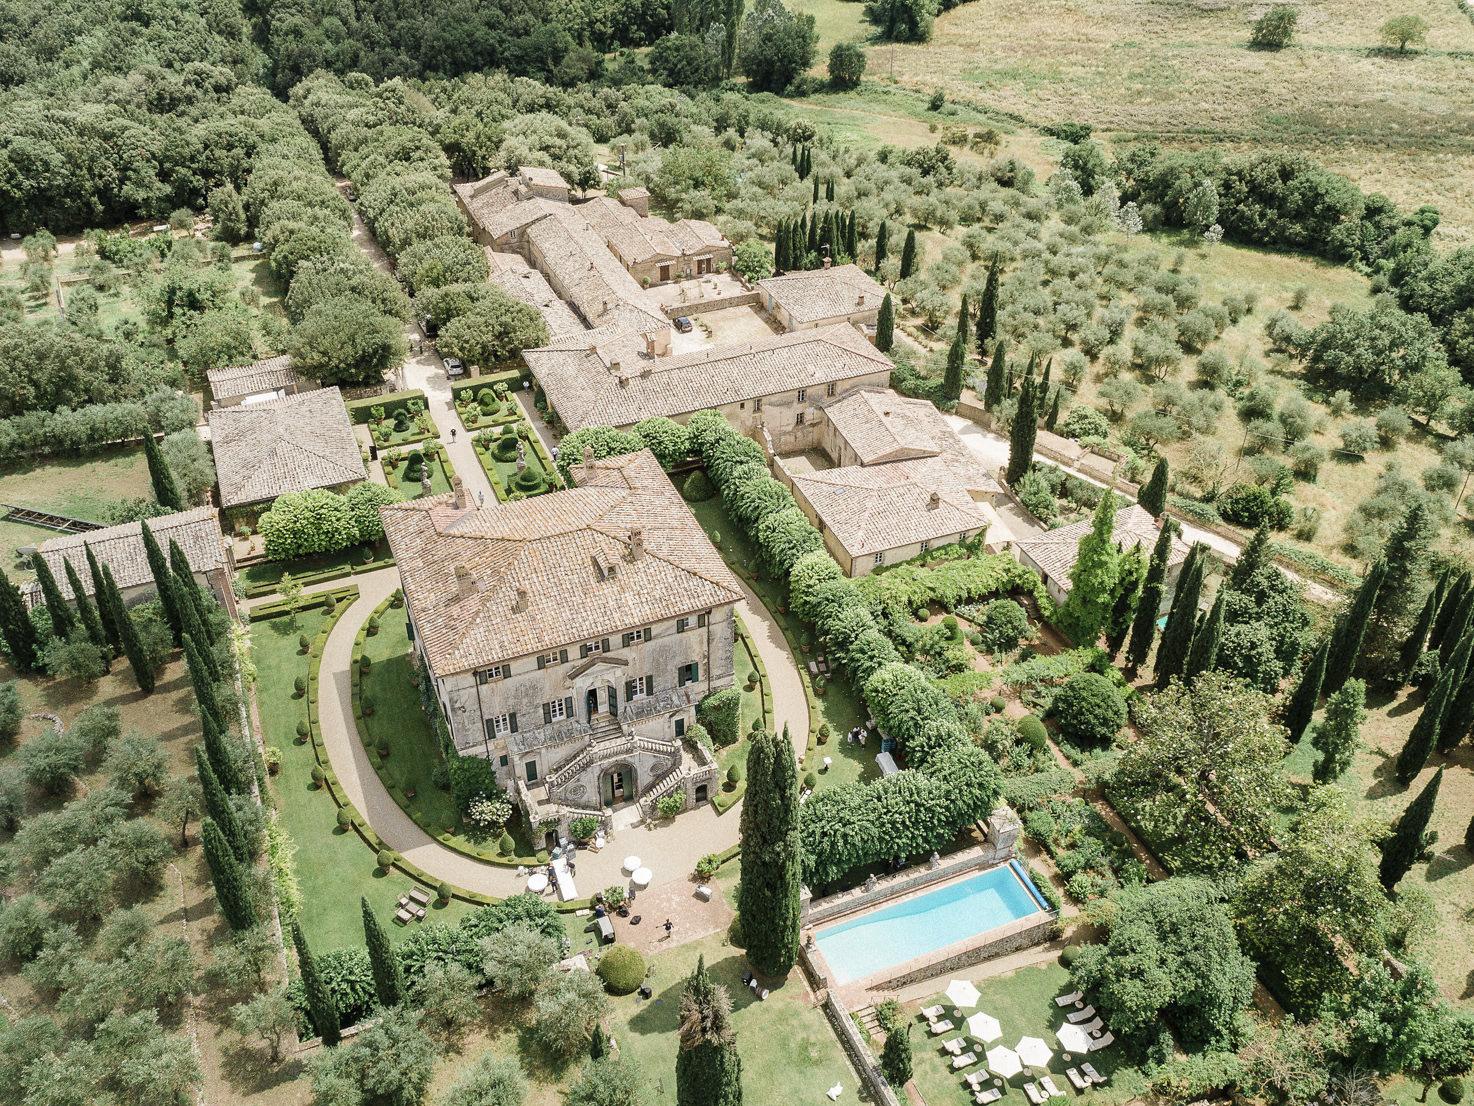 Aerial view of Villa Cetinale